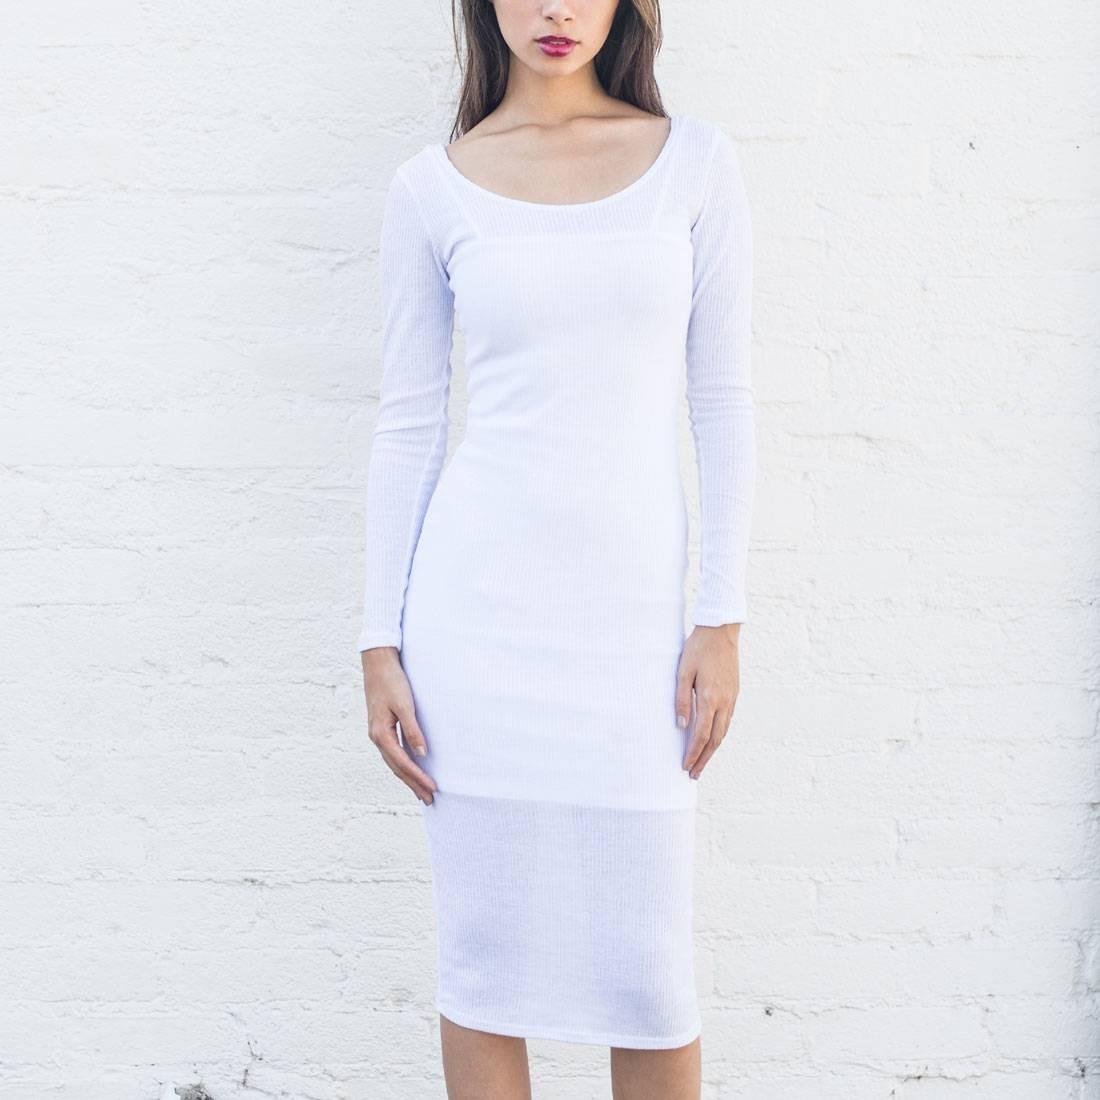 ベイト BAIT ドレス 白 ホワイト 【 WHITE BAIT WOMEN BODY CON DRESS WITH INNER SLIP MADE IN LA 】 レディースファッション ワンピース